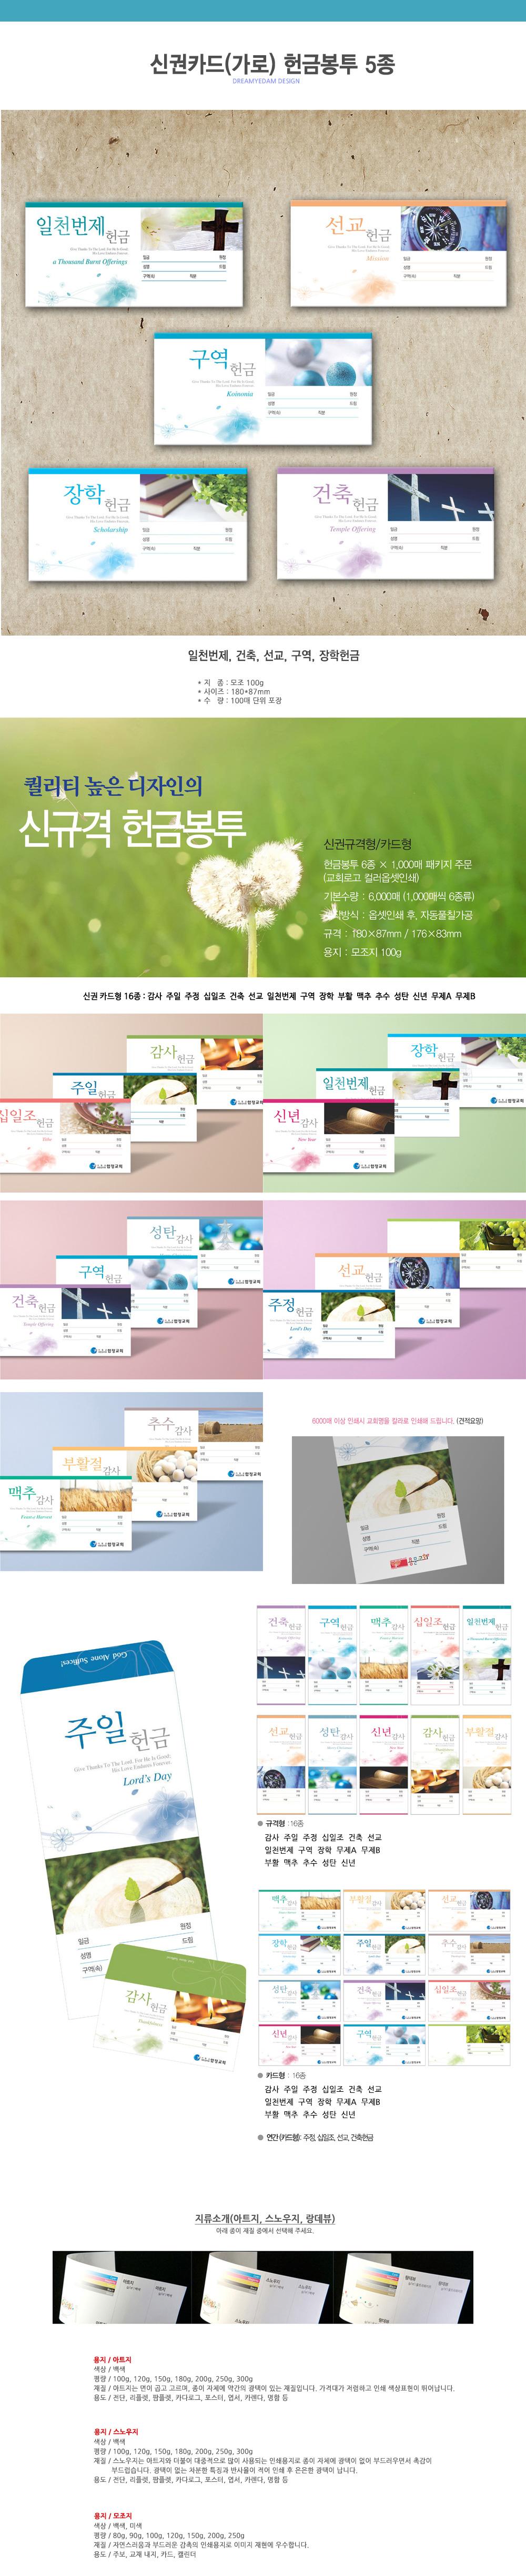 card18-0.jpg